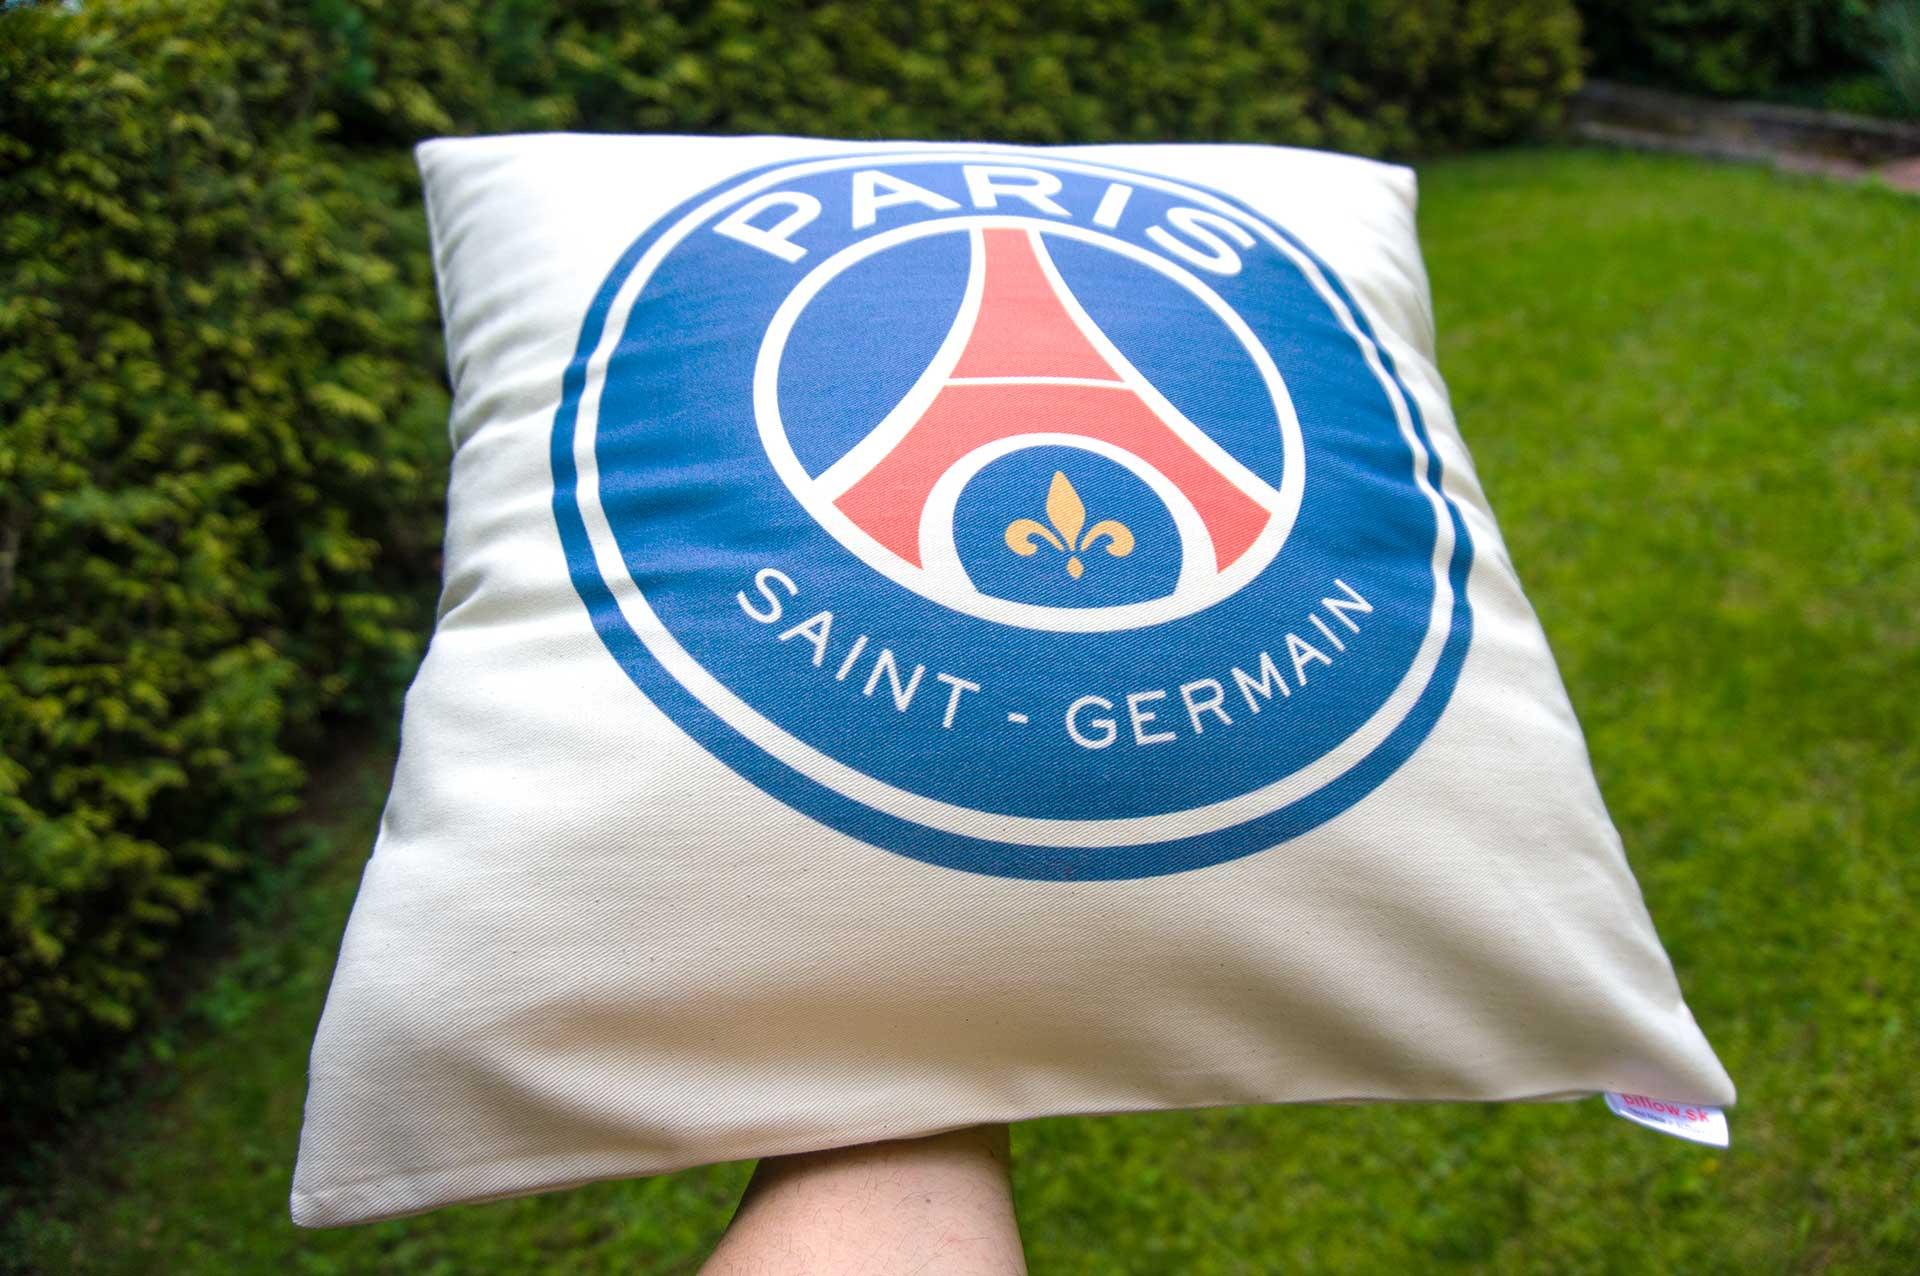 Vankúš s logom Paris Saint-Germain FC